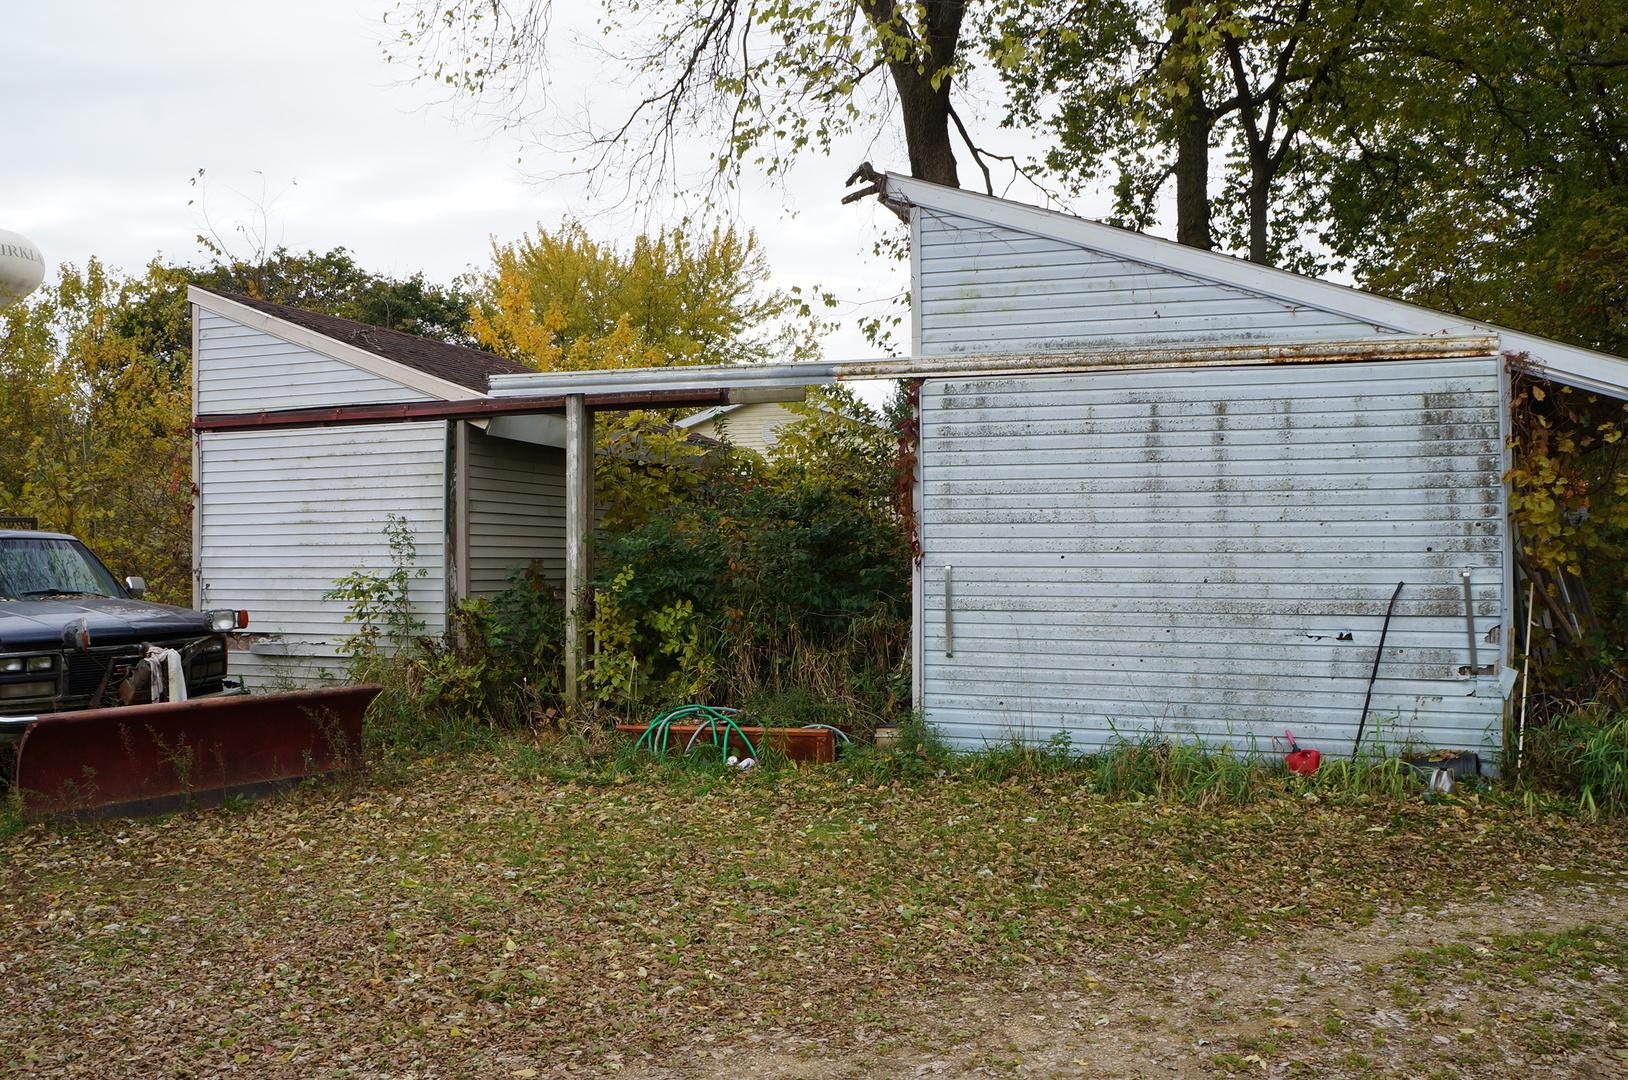 309 North 6th, Kirkland, Illinois, 60146